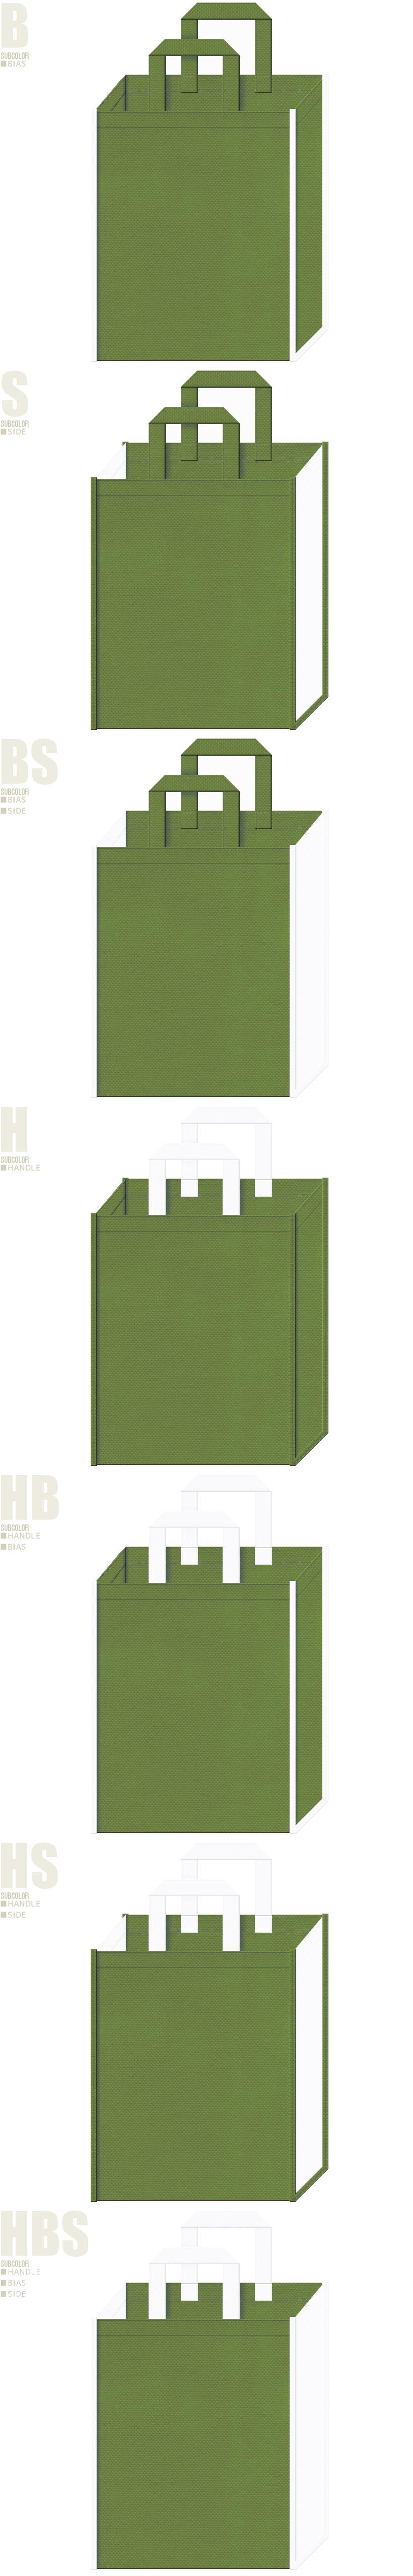 抹茶アイス・抹茶氷・プランター・園芸用品の展示会用バッグにお奨めの不織布バッグデザイン:草色と白色の配色7パターン